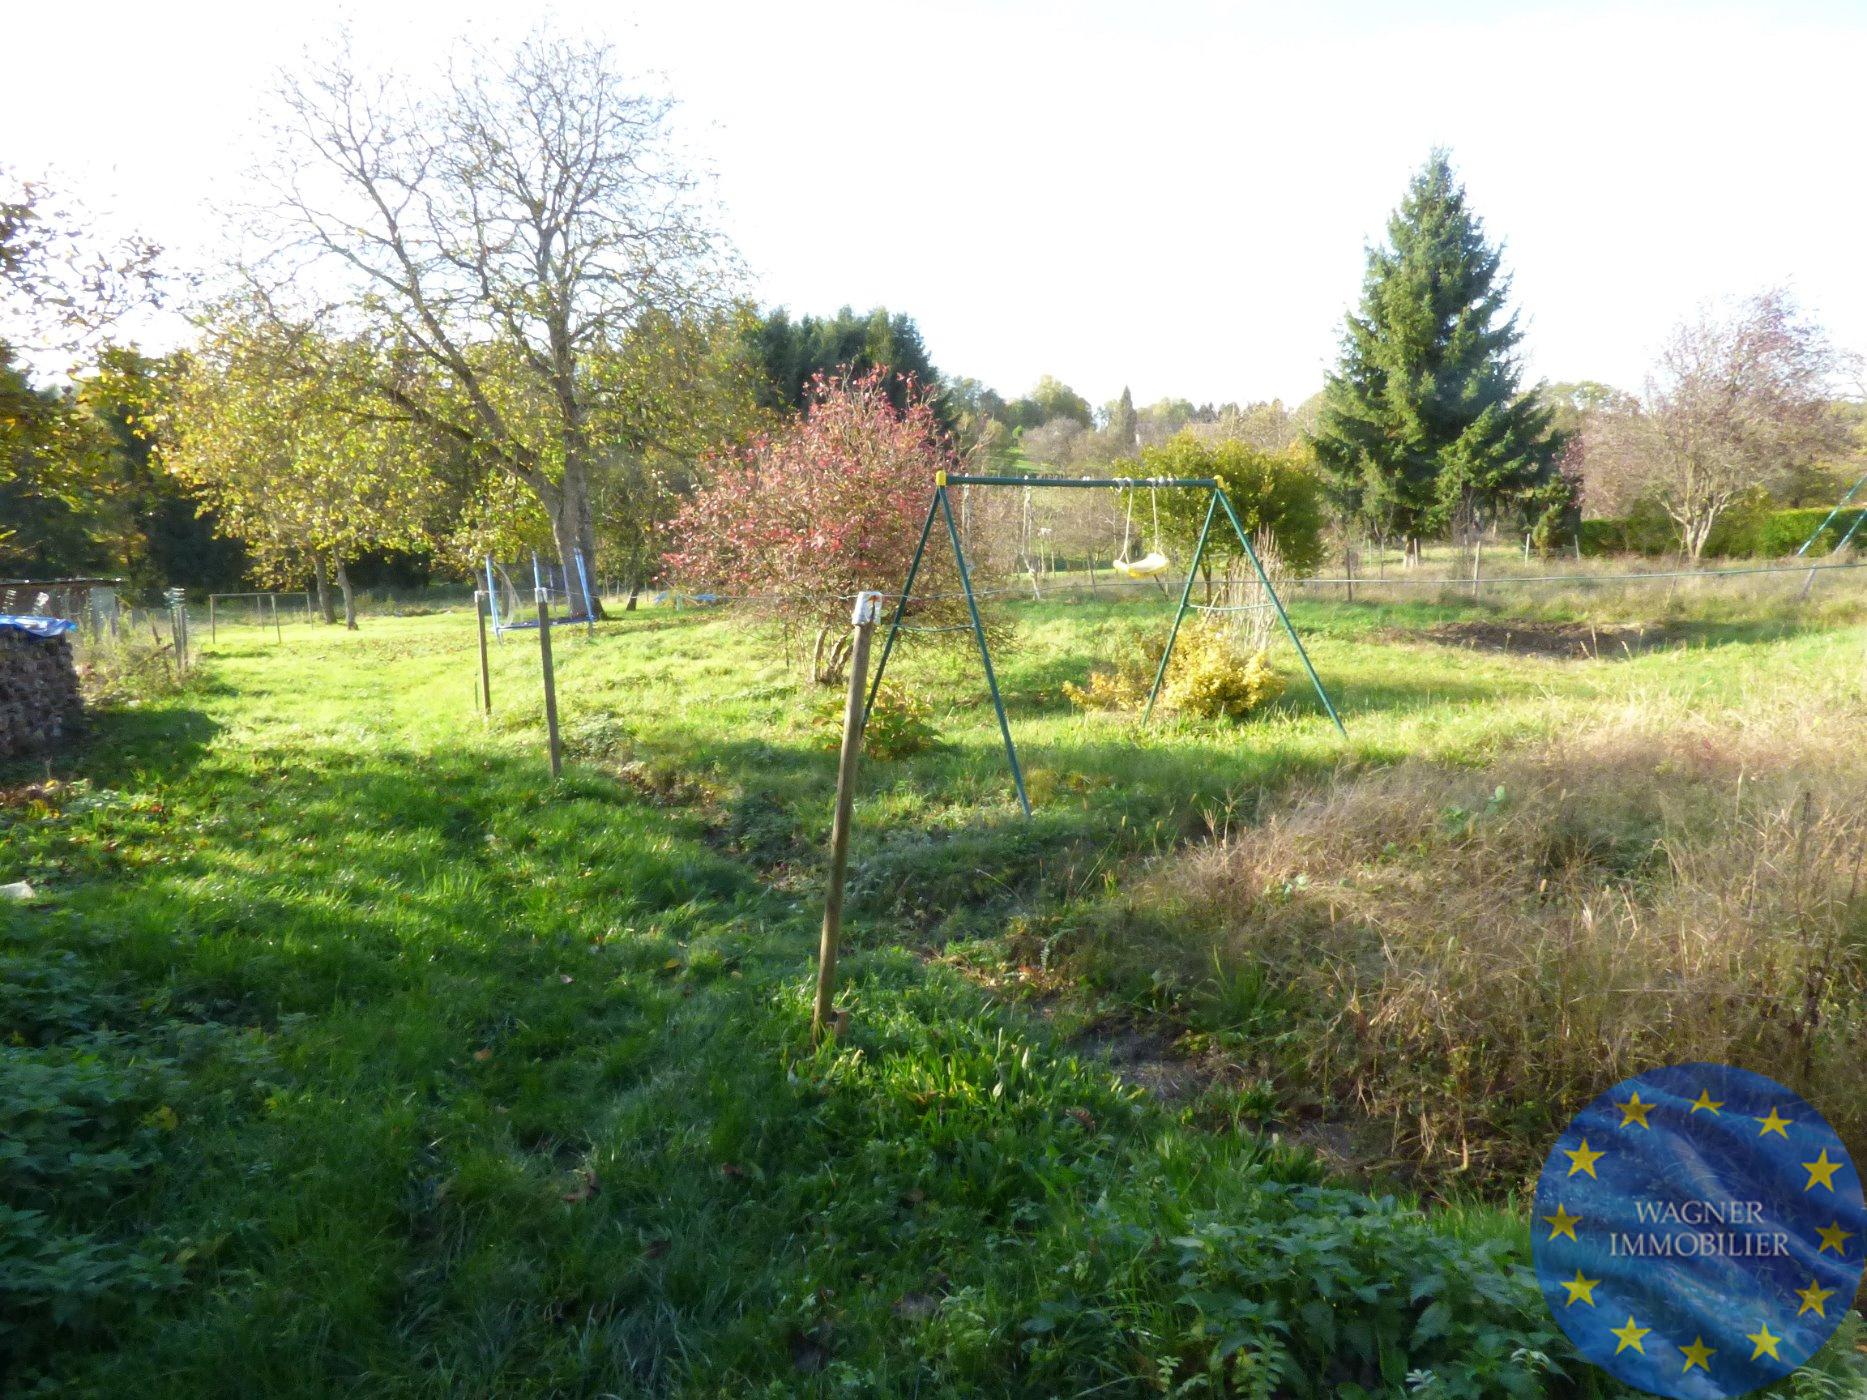 Vente Maison A SAISIR, BAISSE DE PRIX - maison de village individuelle sur 2 500 m2 de terrain  à Blamont